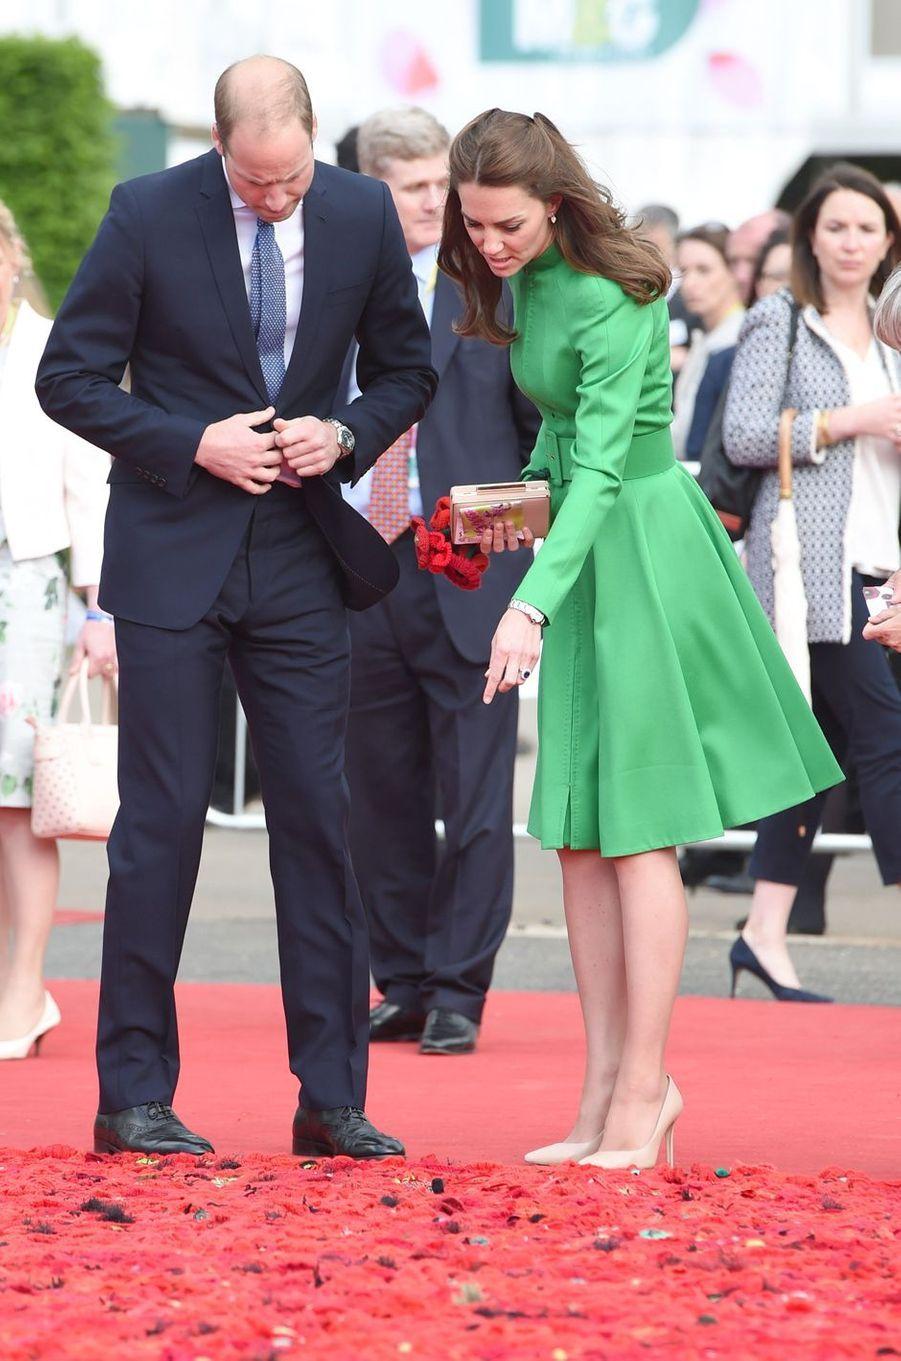 La duchesse de Cambridge, née Kate Middleton, au Chelsea Flower Show à Londres, le 23 mai 2016